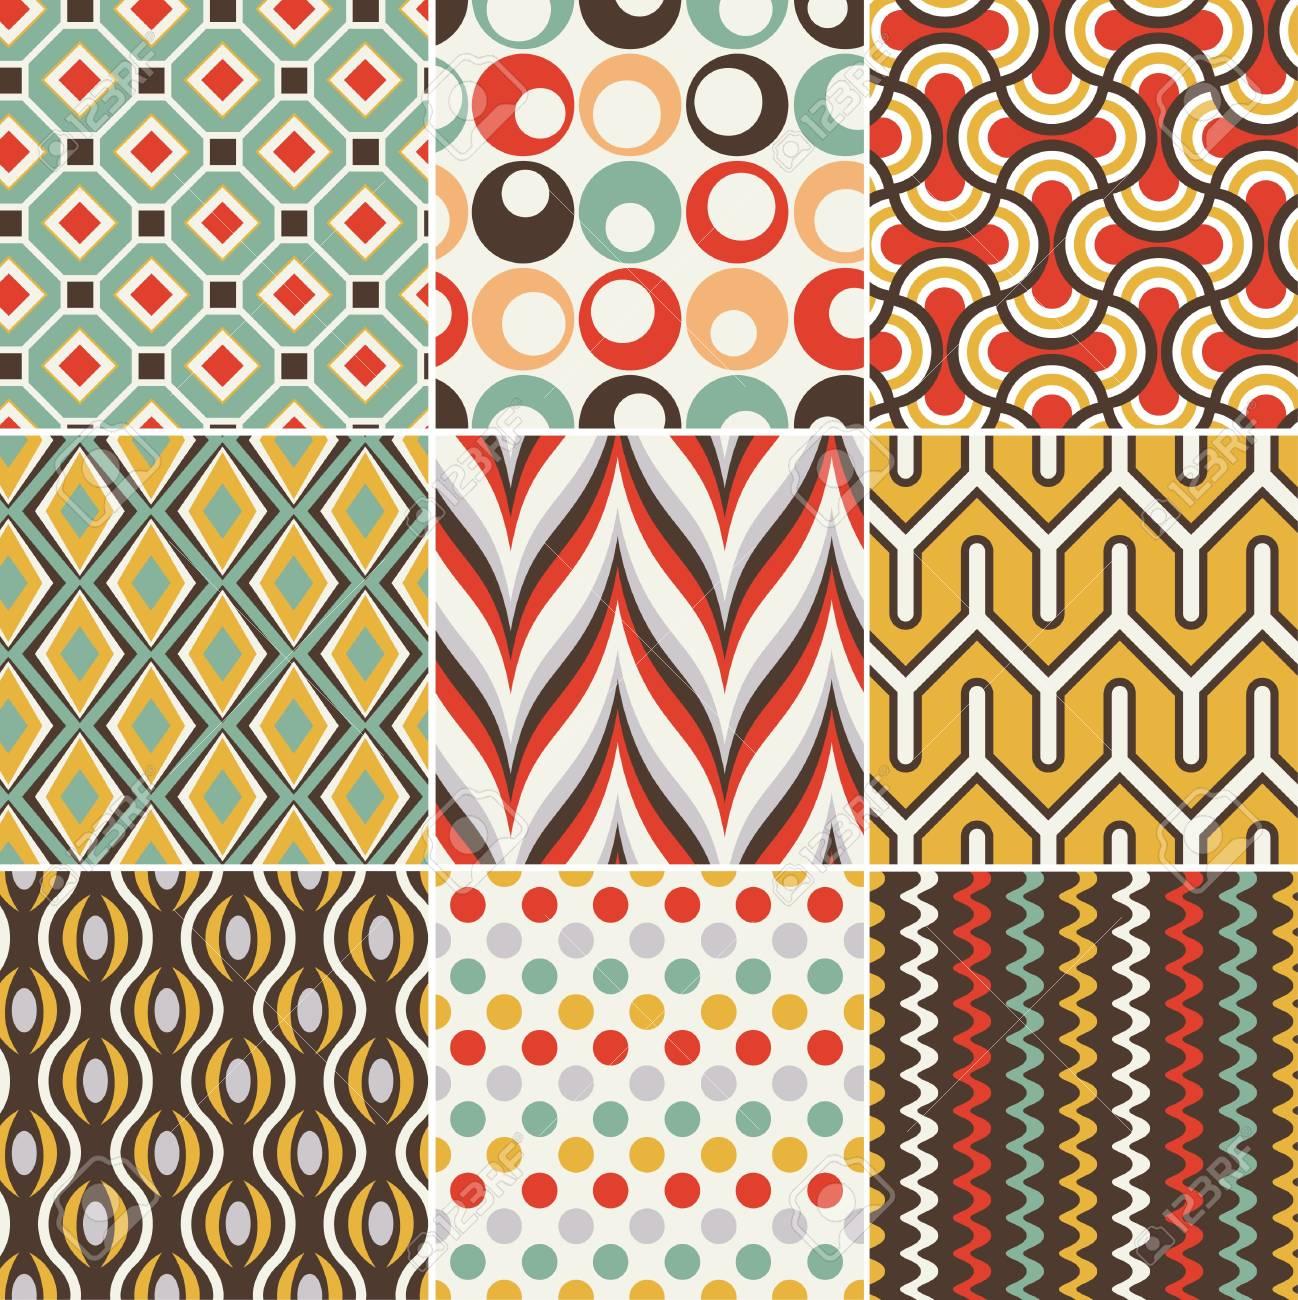 シームレスなレトロな幾何学模様のイラスト素材・ベクタ - Image 19604736.